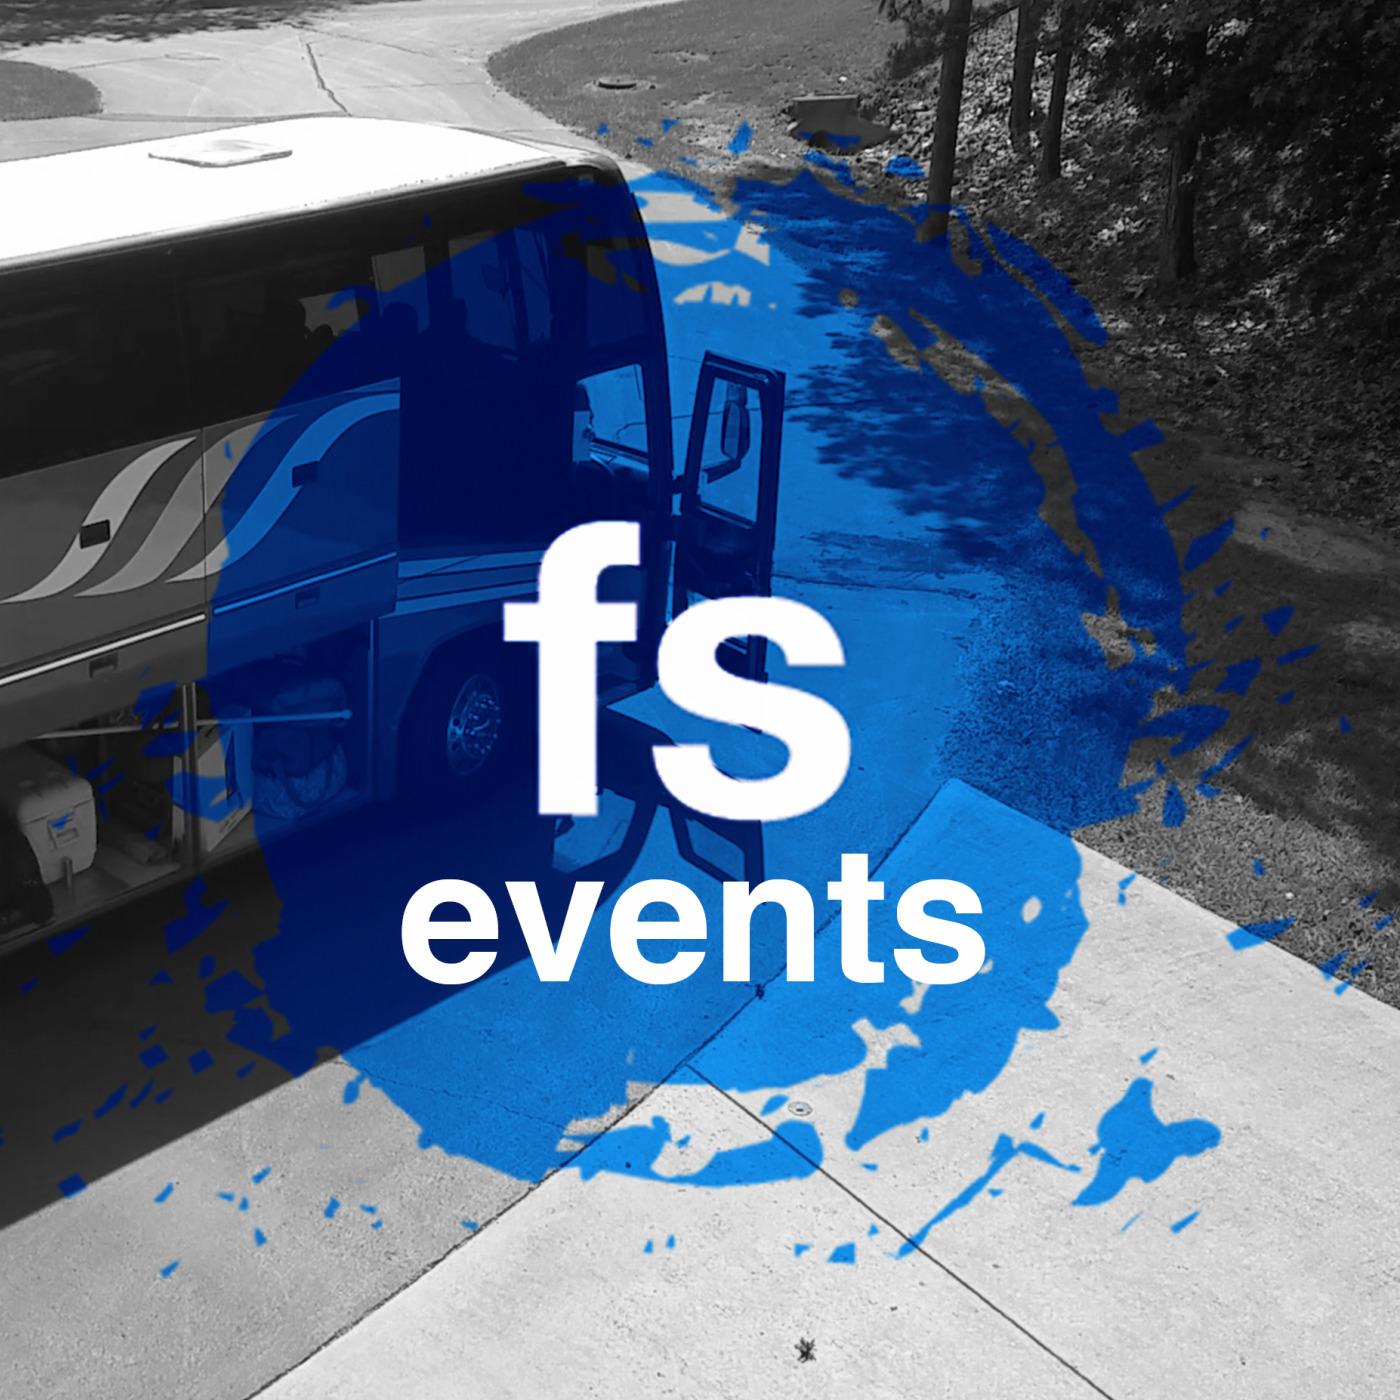 Faith Student Events